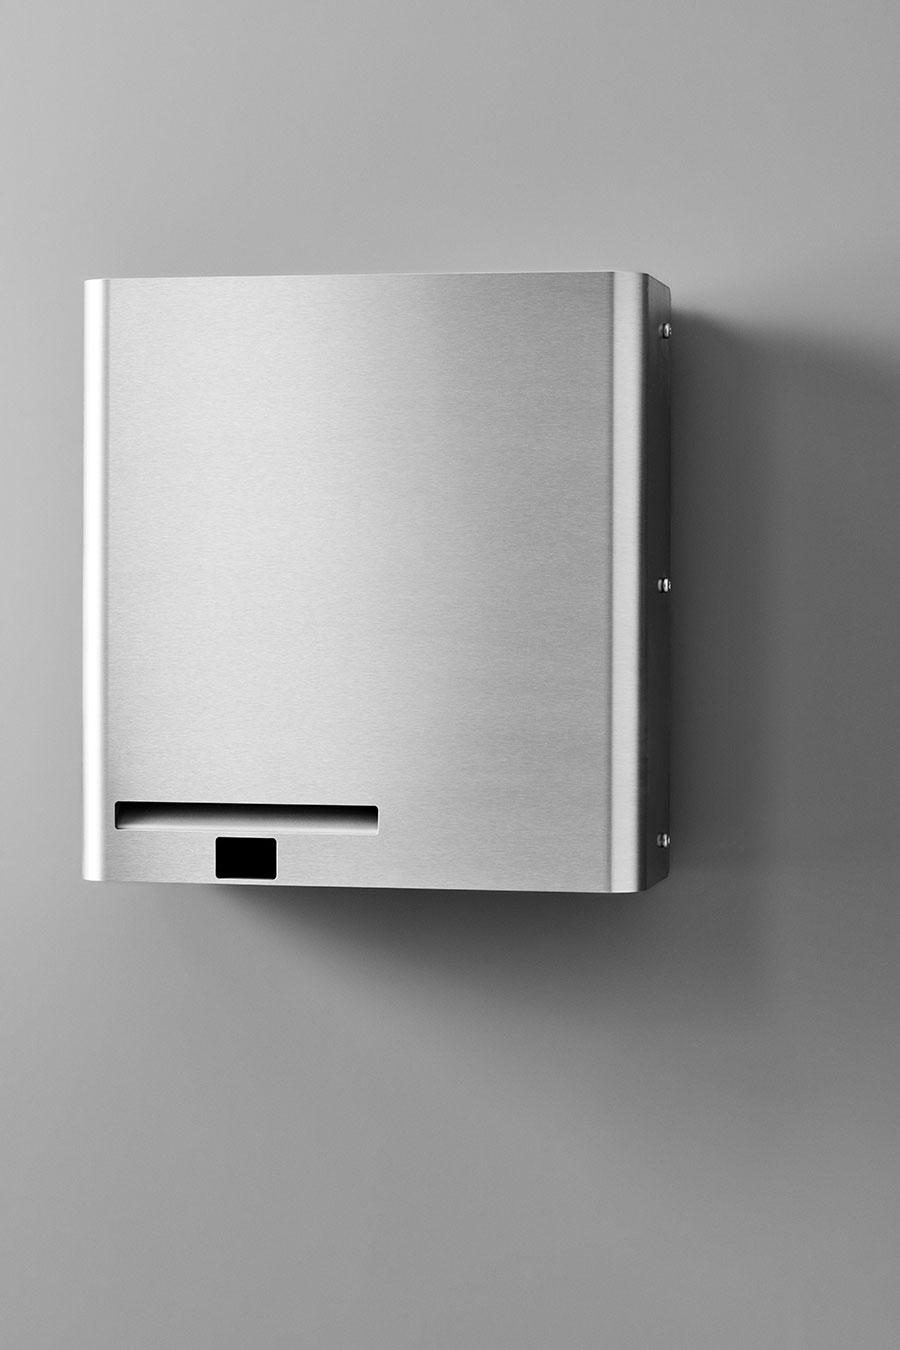 d-line_washroom_dryer.jpg